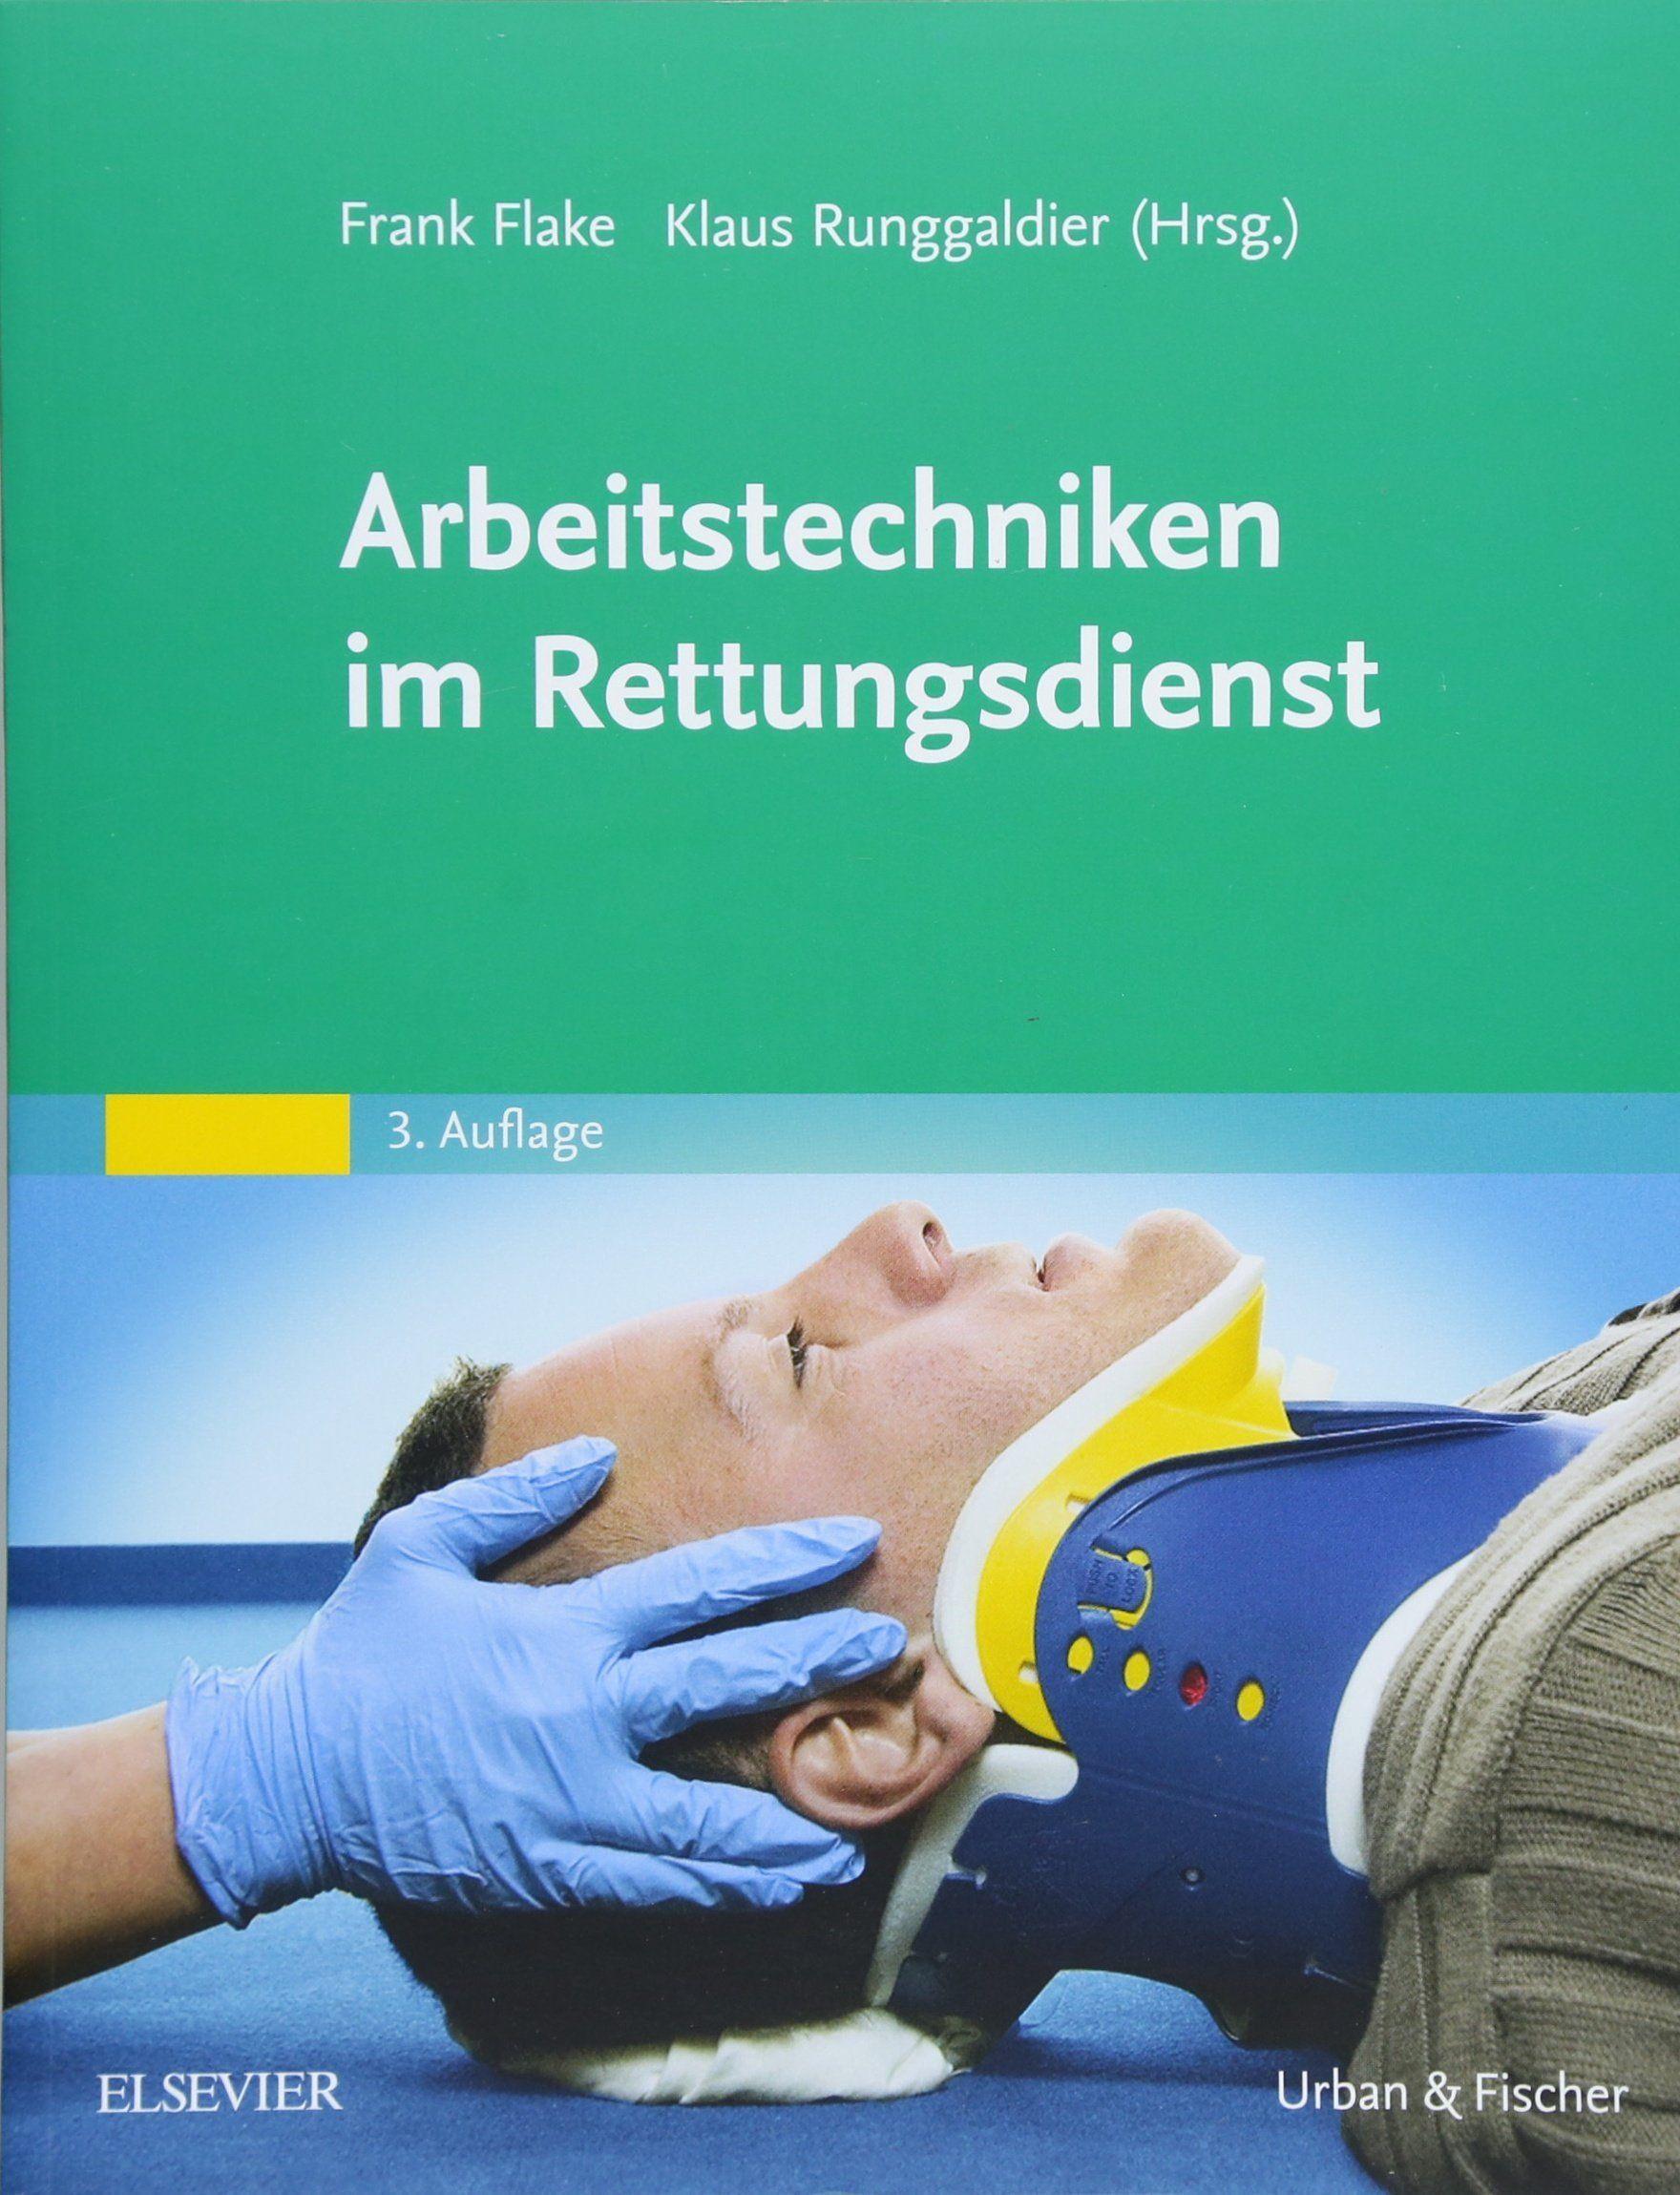 Arbeitstechniken im Rettungsdienst – Buch Rezension